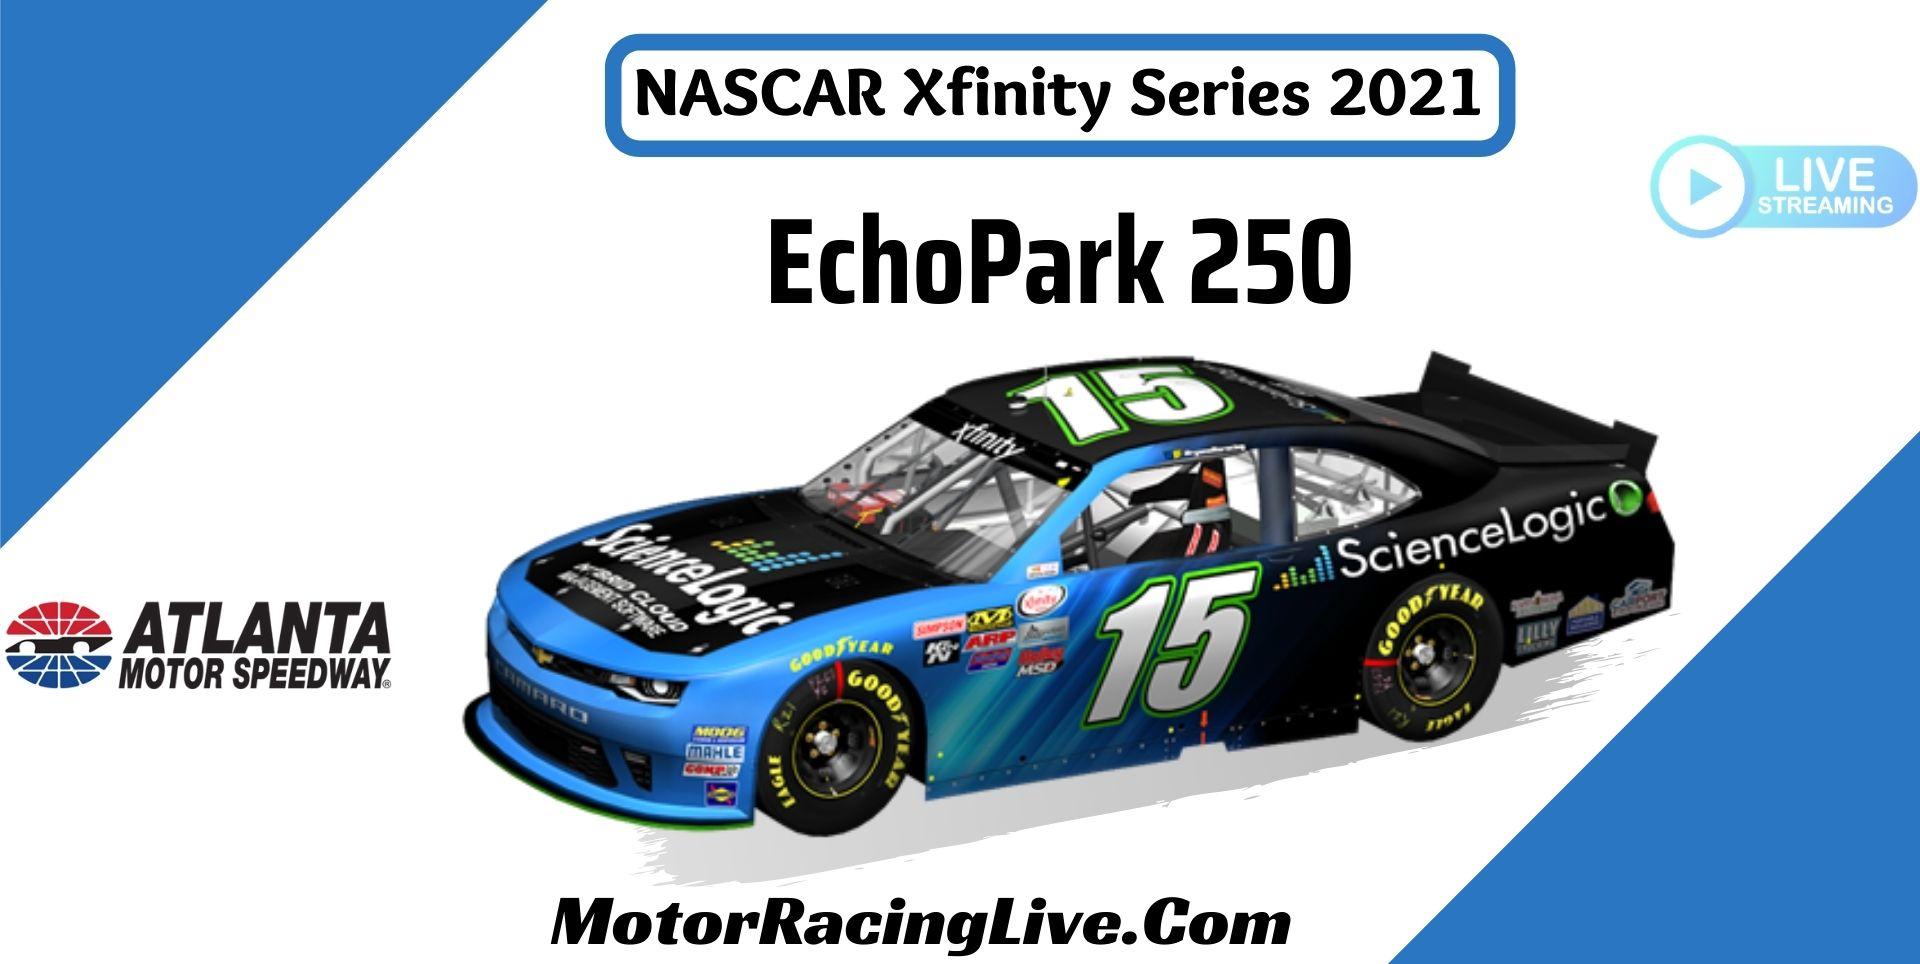 EchoPark 250 NASCAR Xfinity 2021 Live Stream